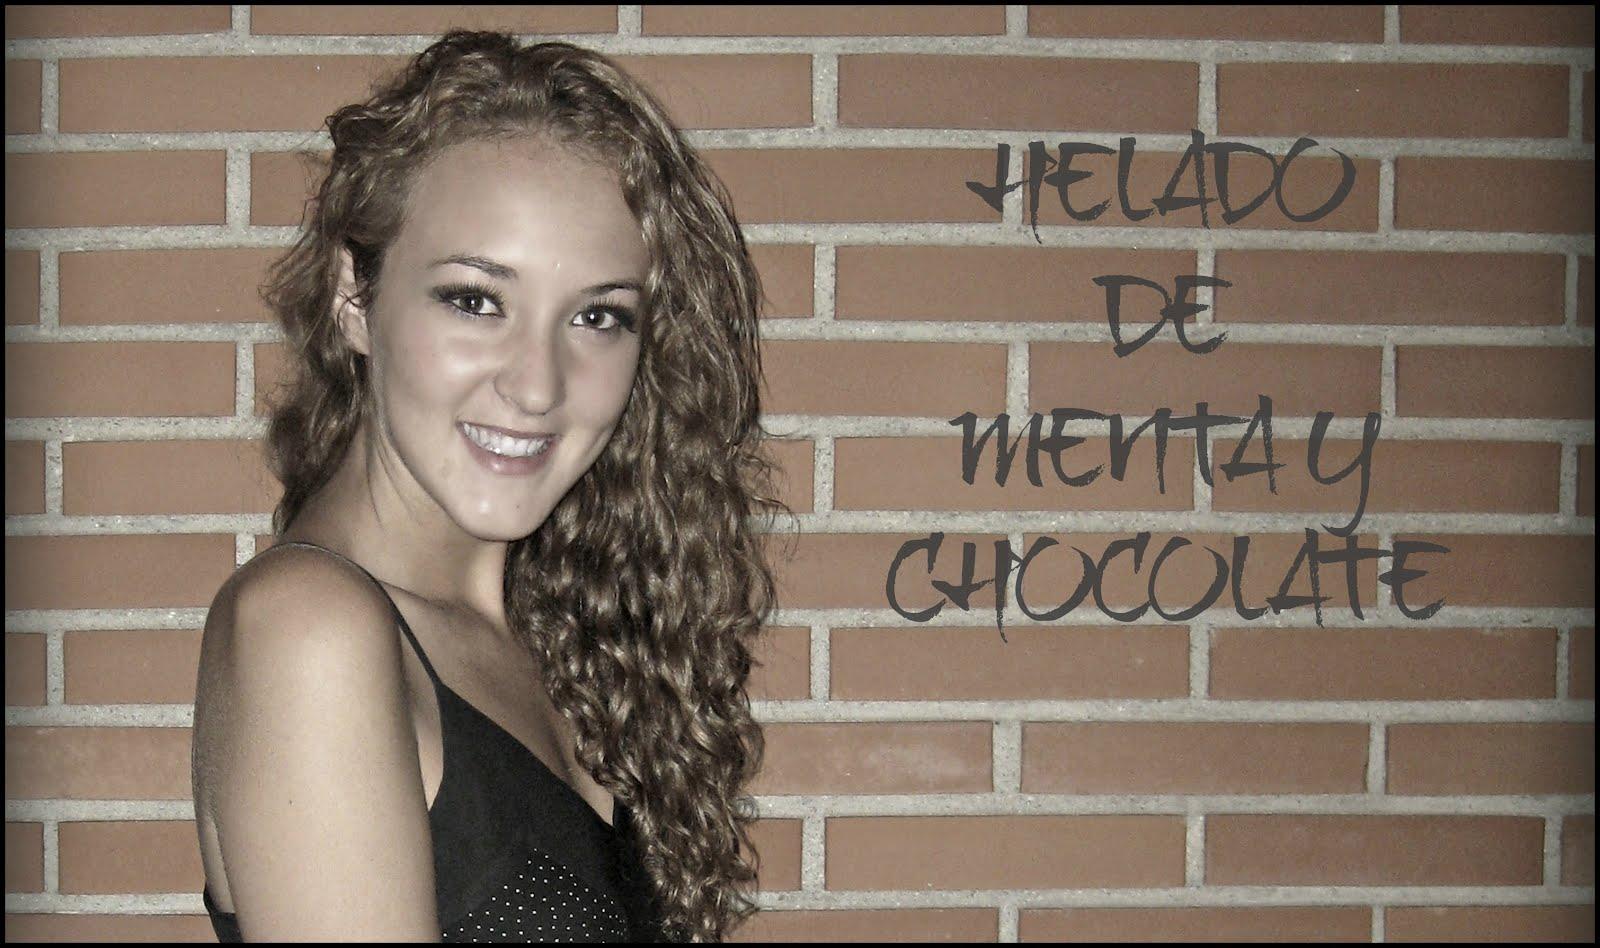 Helado de Menta Y Chocolate...